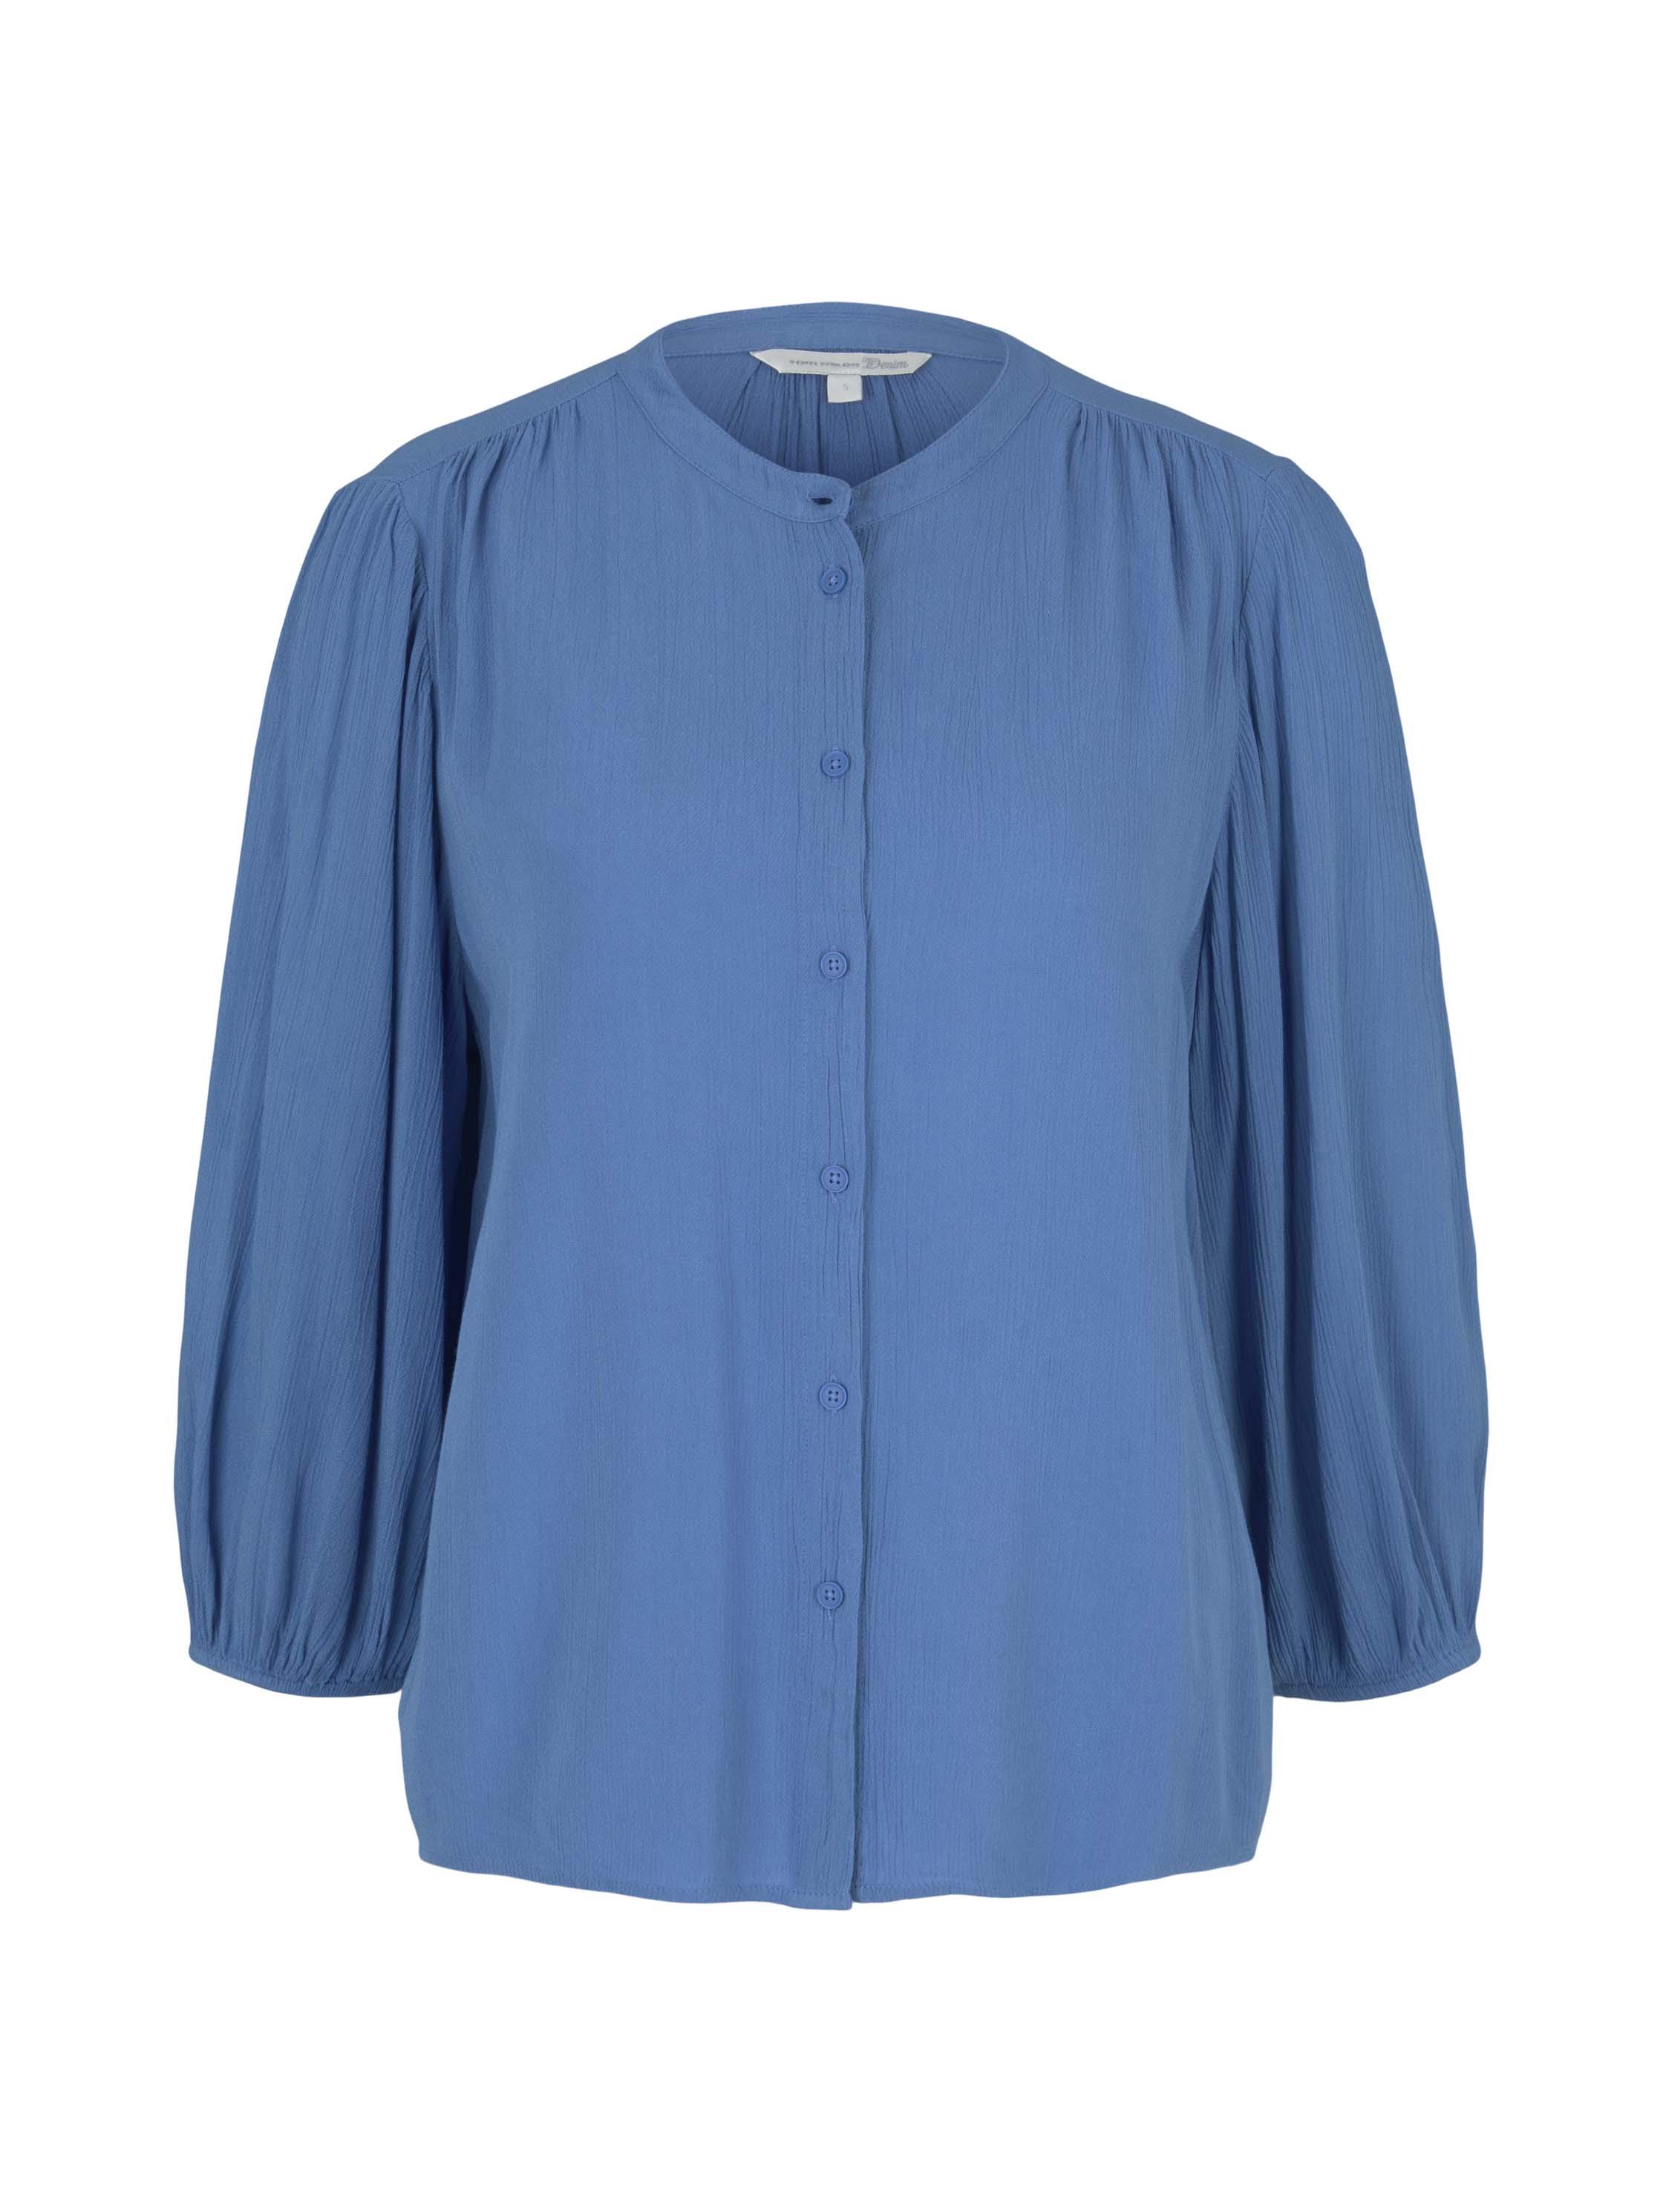 balloon sleeve blouse, mid blue